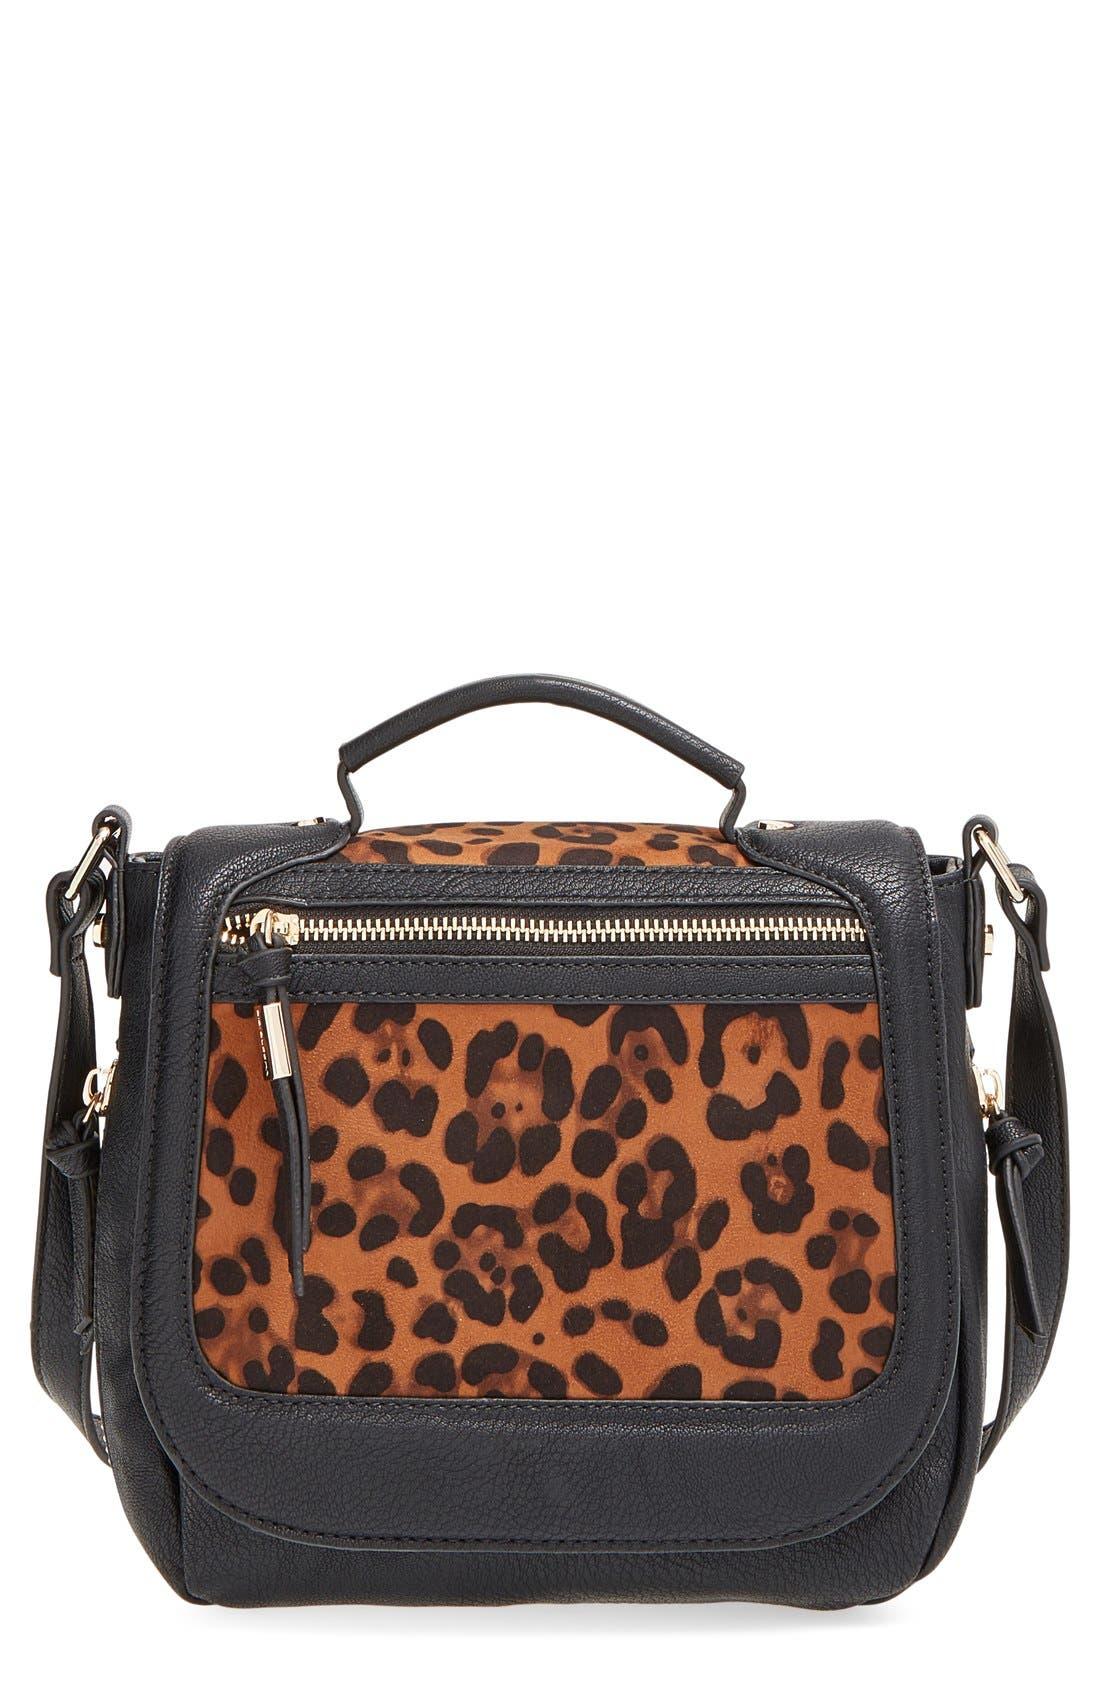 Alternate Image 1 Selected - Big Buddha 'ZJane' Faux Leather Crossbody Flap Bag